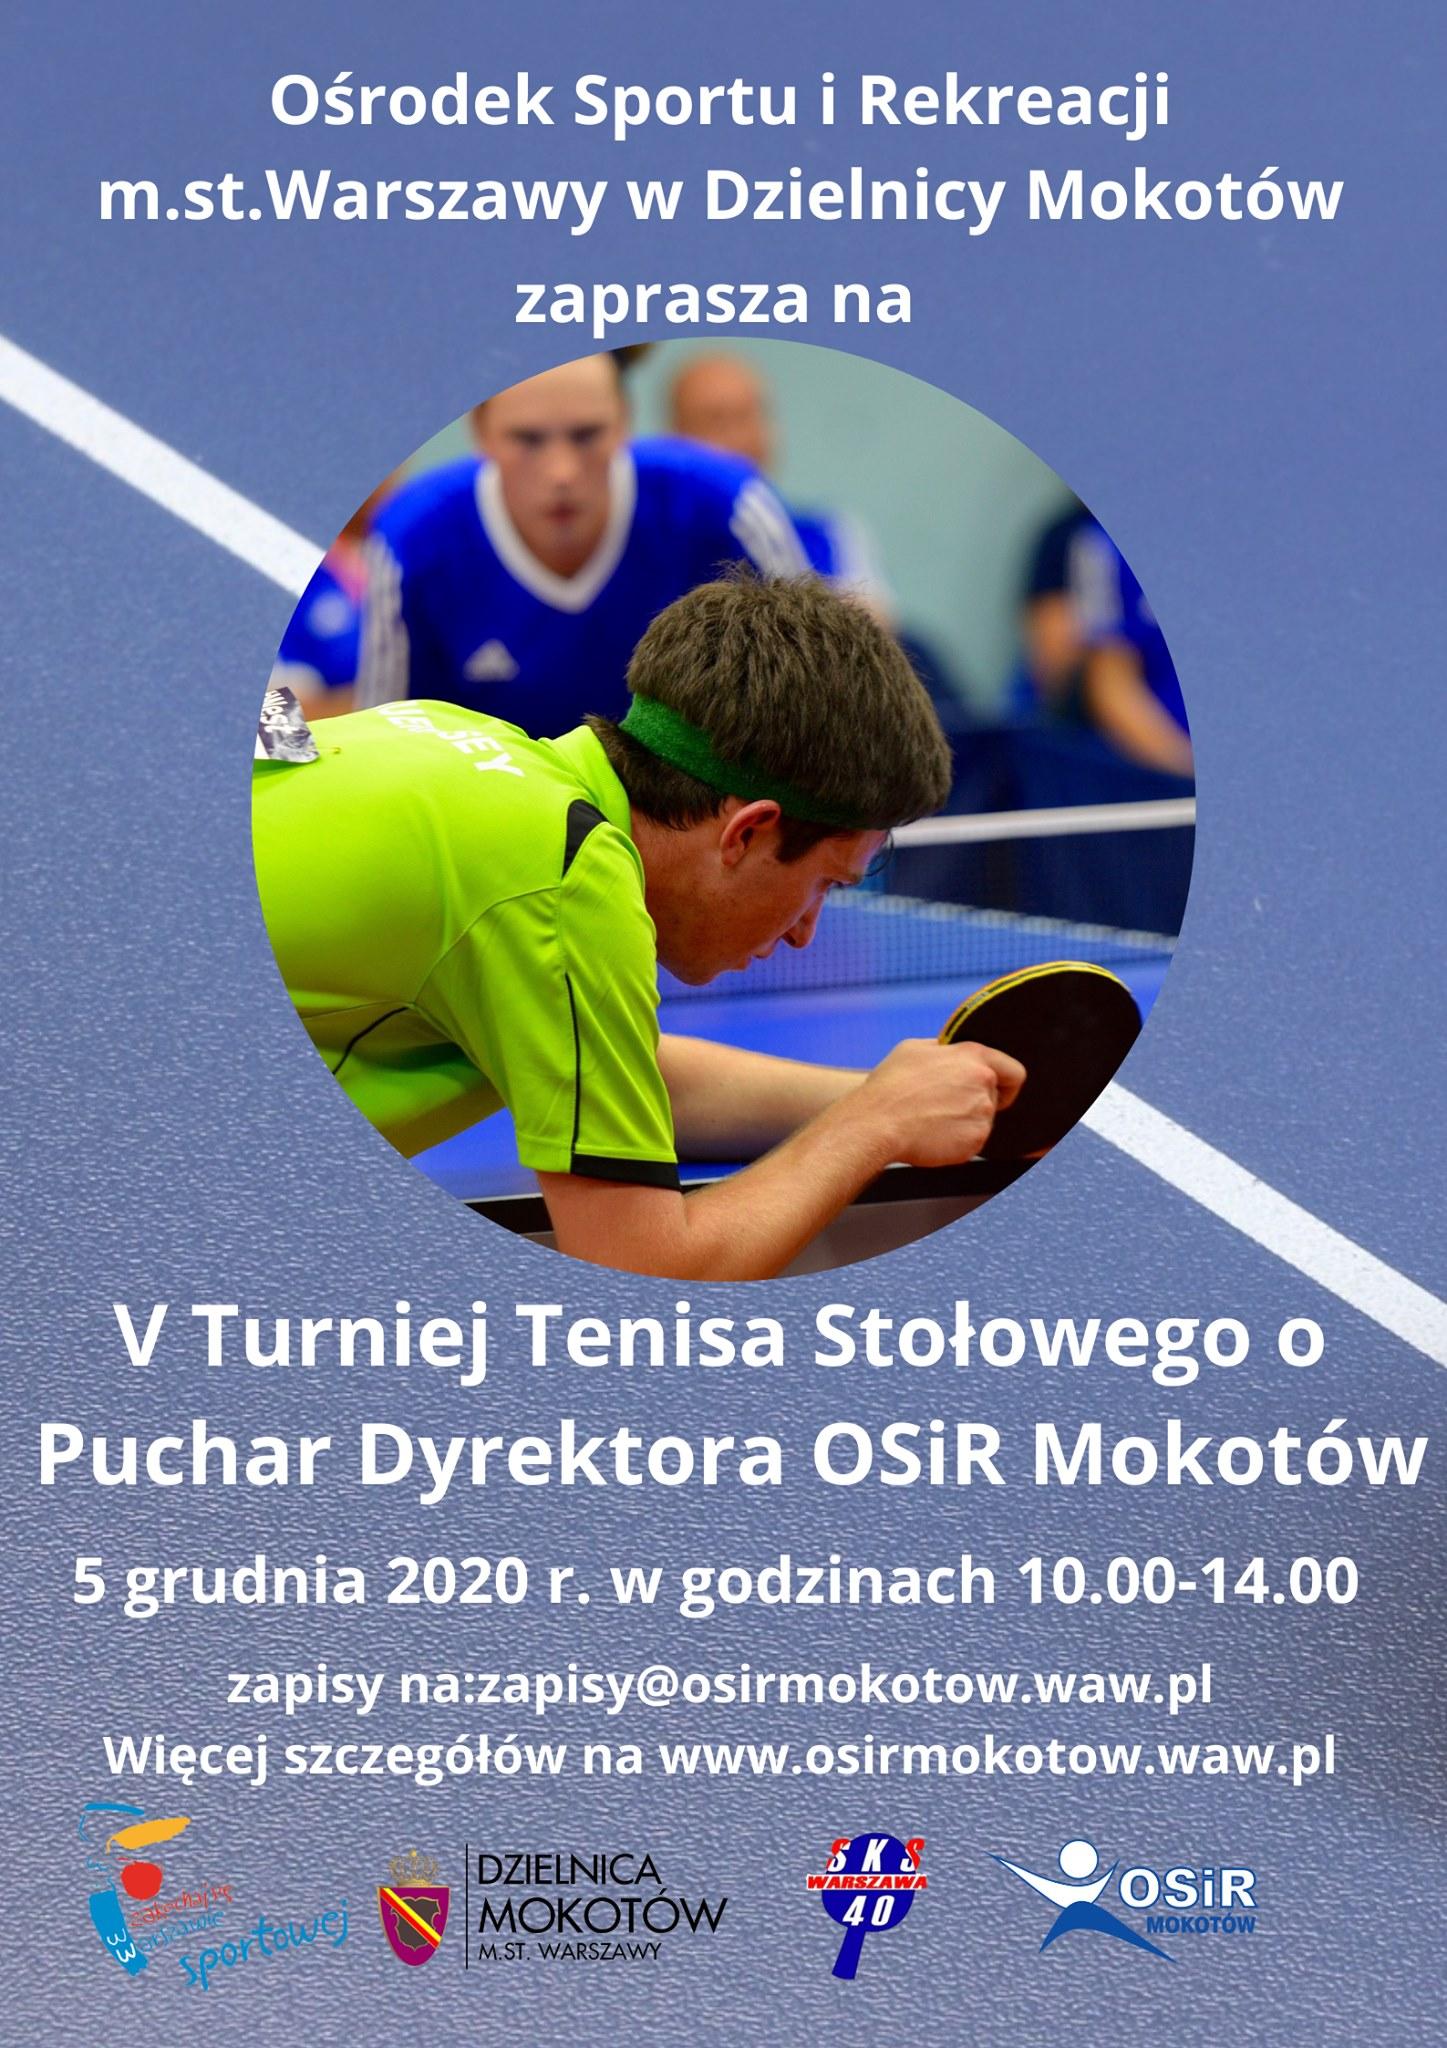 Plakat turnieju V Otwarty Turniej Tenisa Stołowego o Puchar OSiR Mokotów